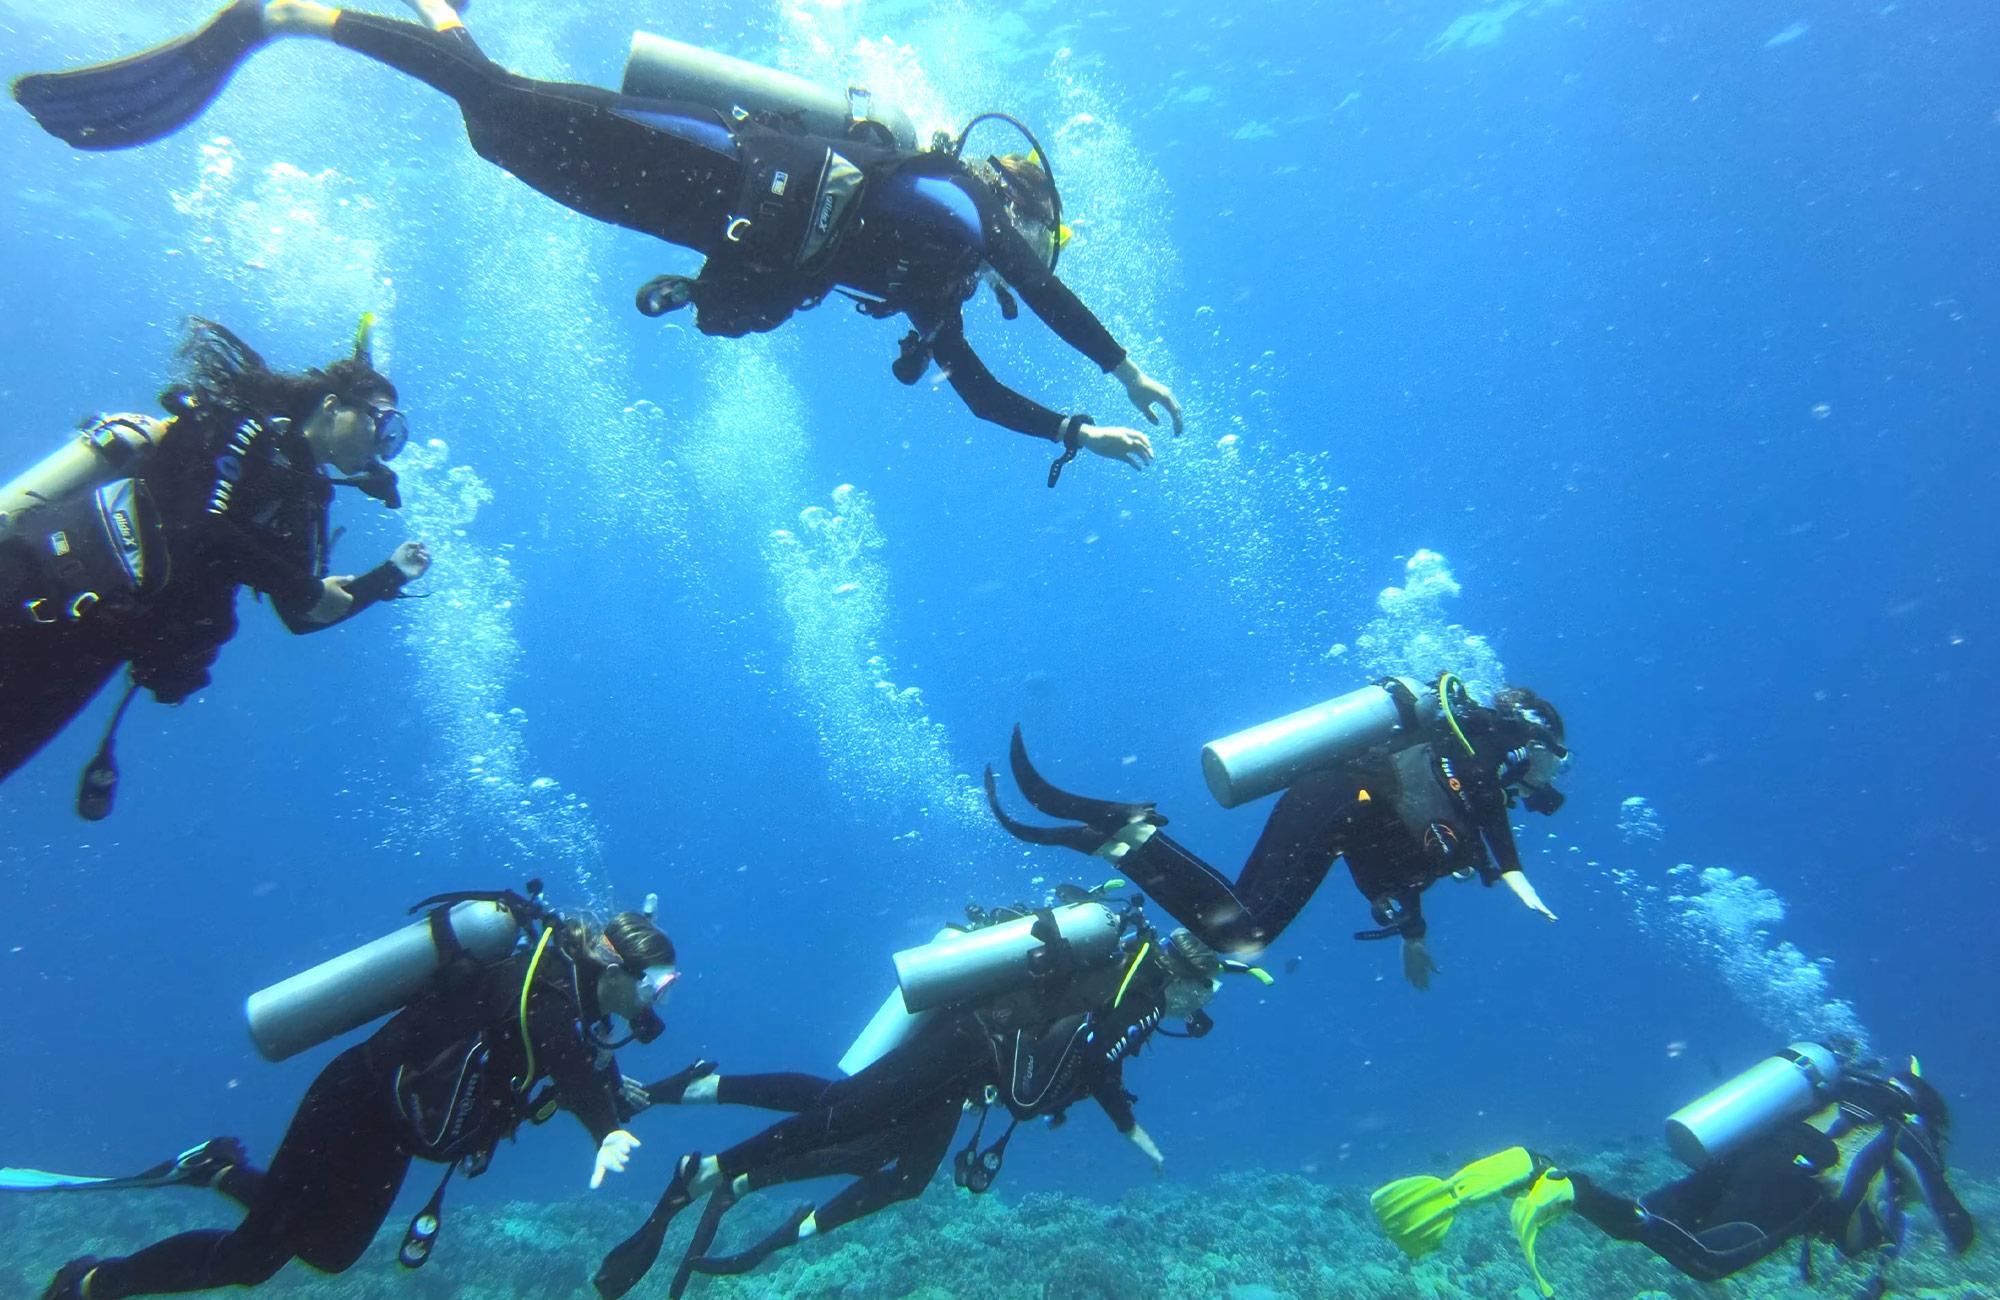 Moondance scuba diving teen trip